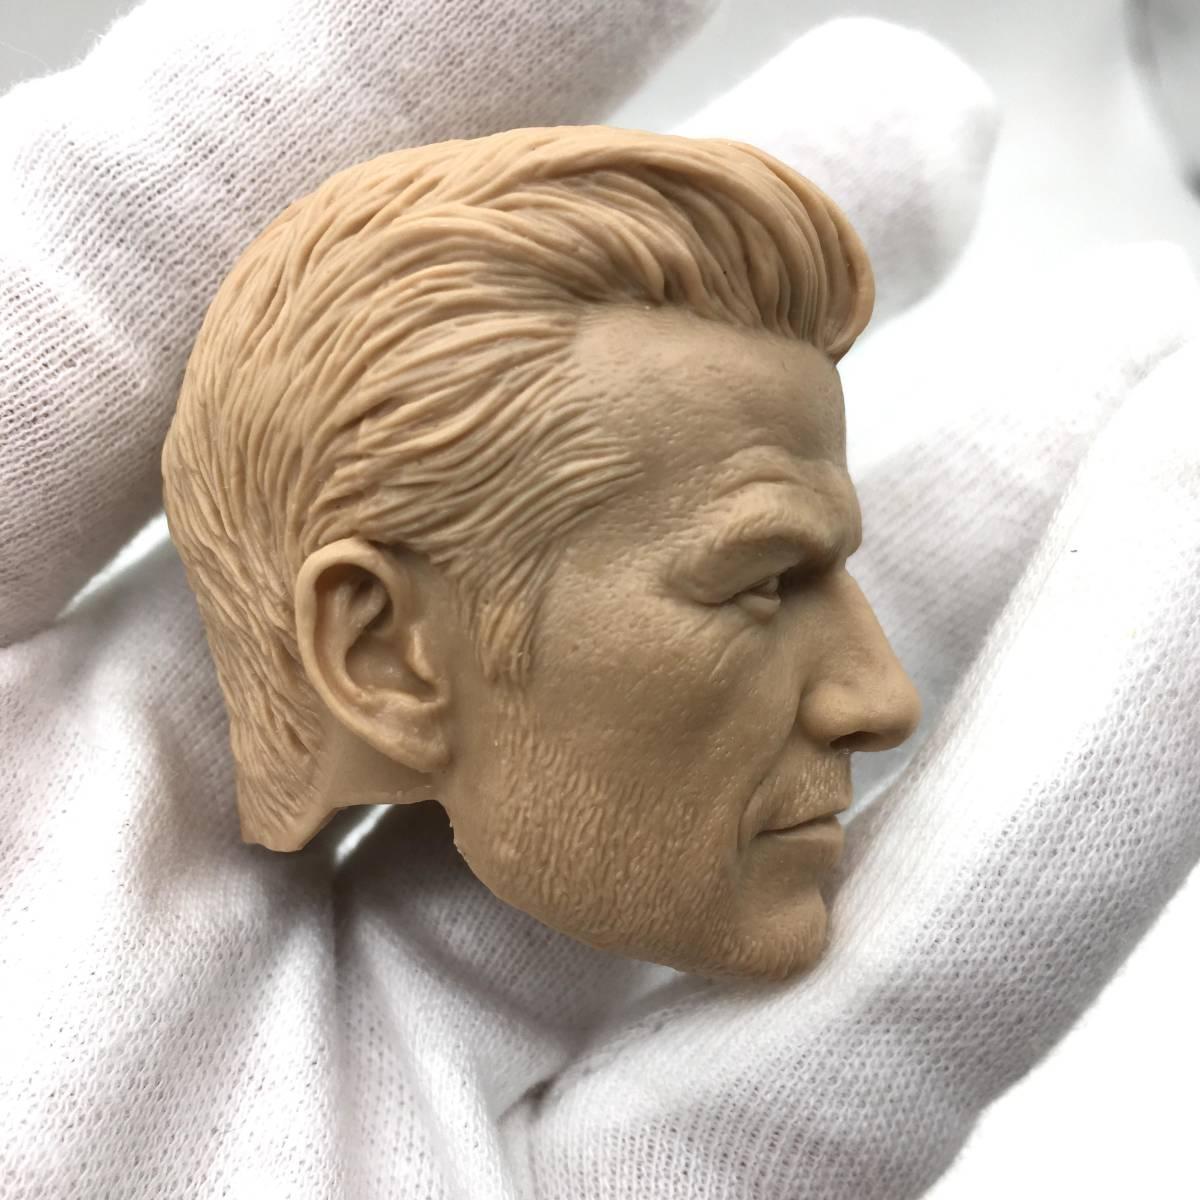 送料無料 1/6 DIY ヘッド 手作り 未塗装男性ヘッド デビッド・ベッカム 番号B32_画像2